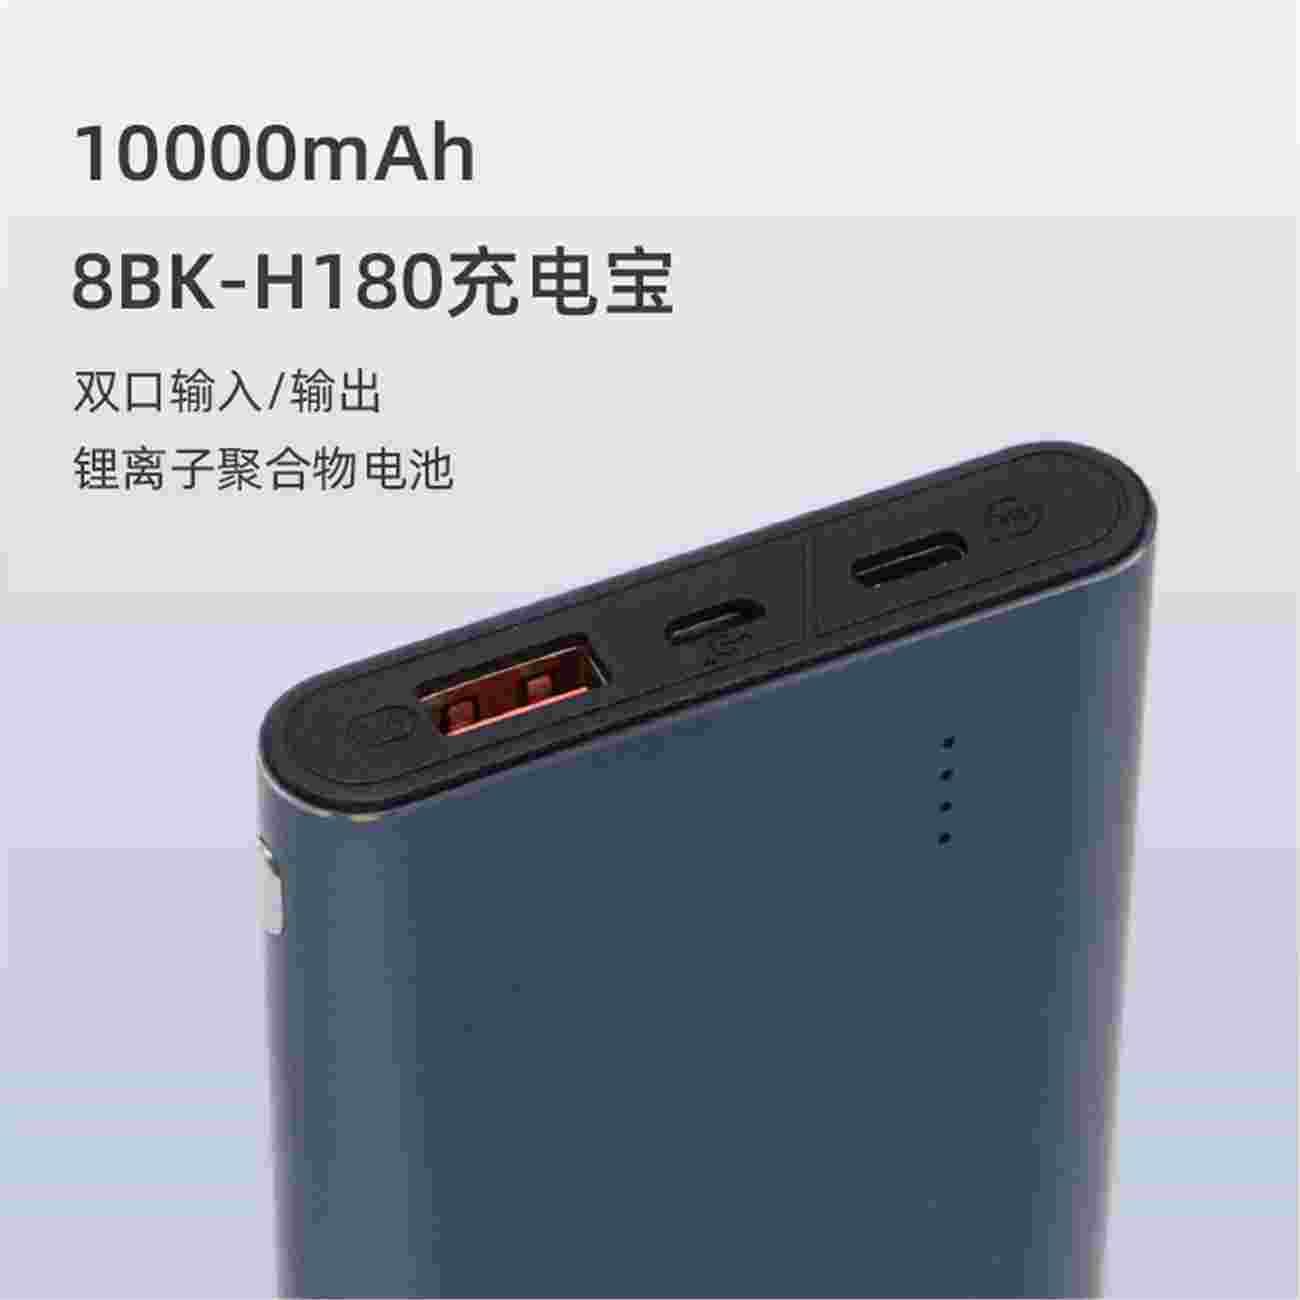 力量威8BK-H180移动电源  生产厂家